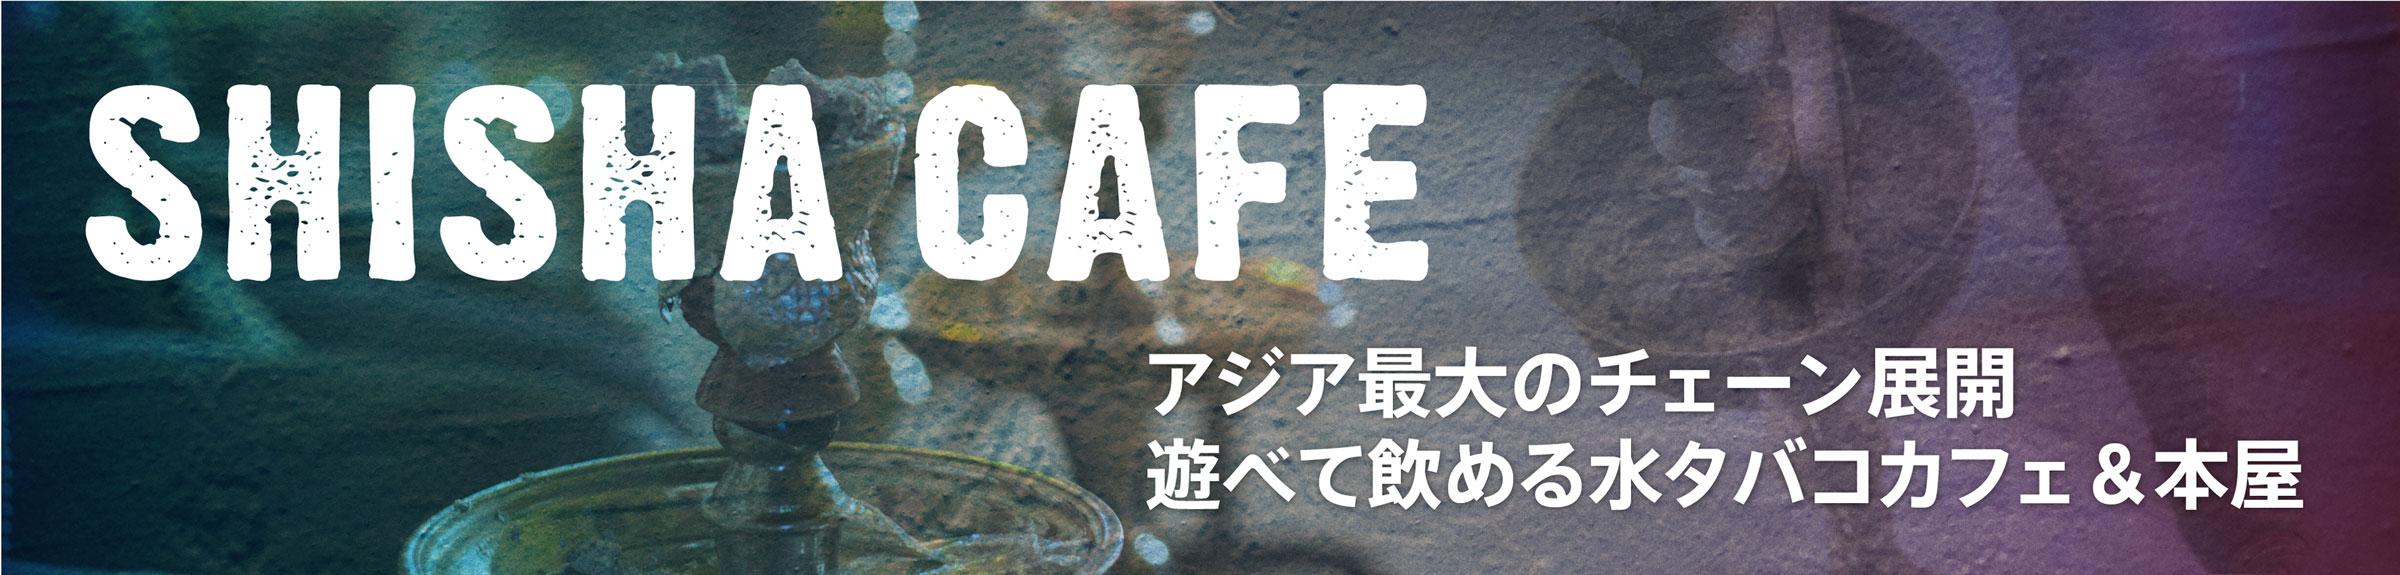 SHISHA CAFE アジア最大のチェーン展開 遊べて飲める水タバコカフェ&本屋